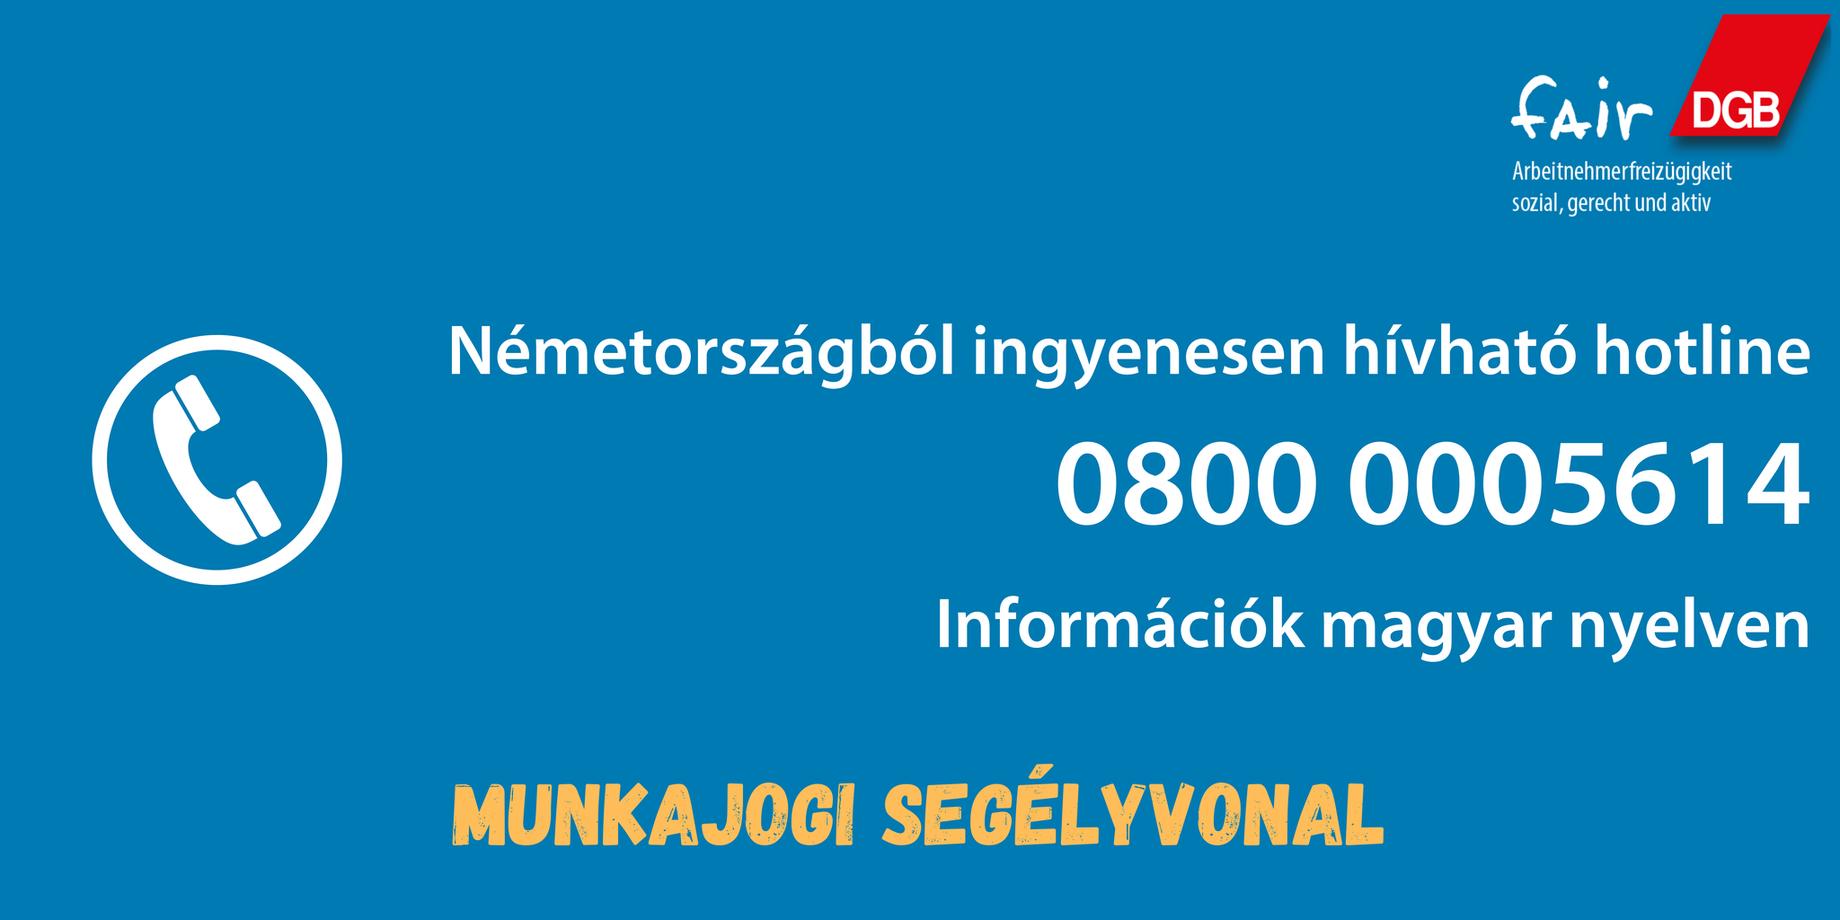 Corona Hotline Ungarisch